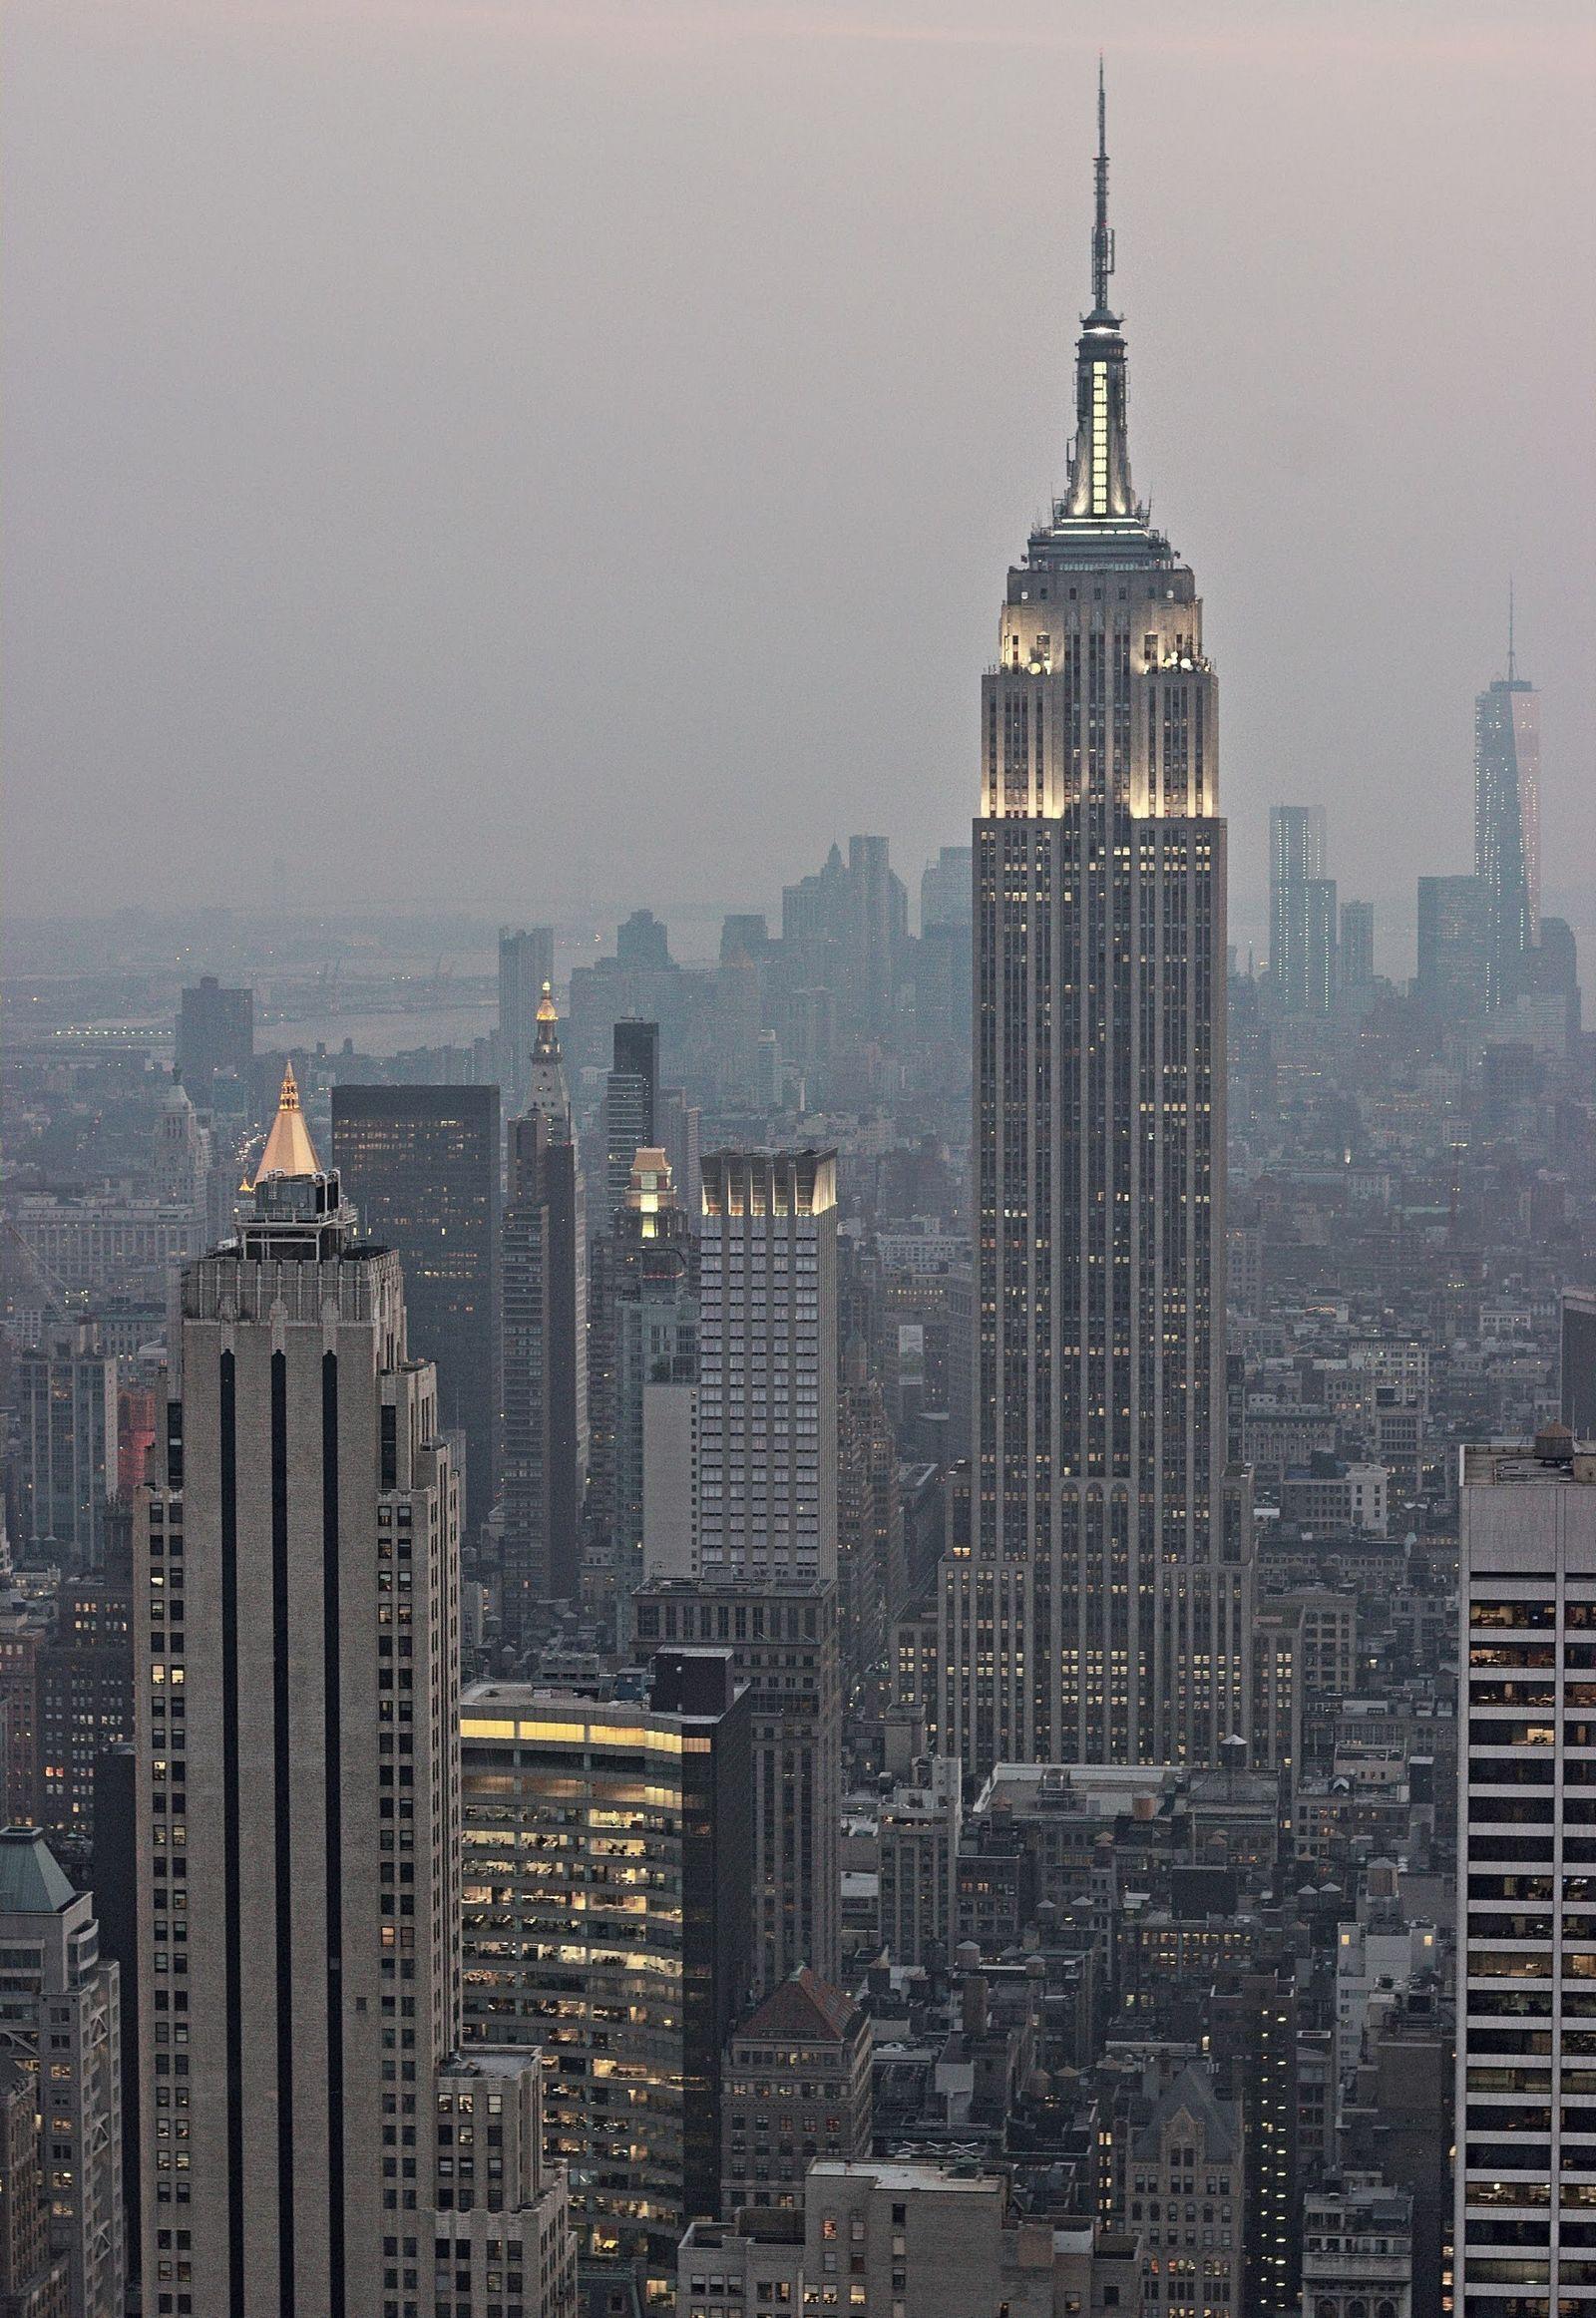 Empire en primer plano, One WTC en tercero